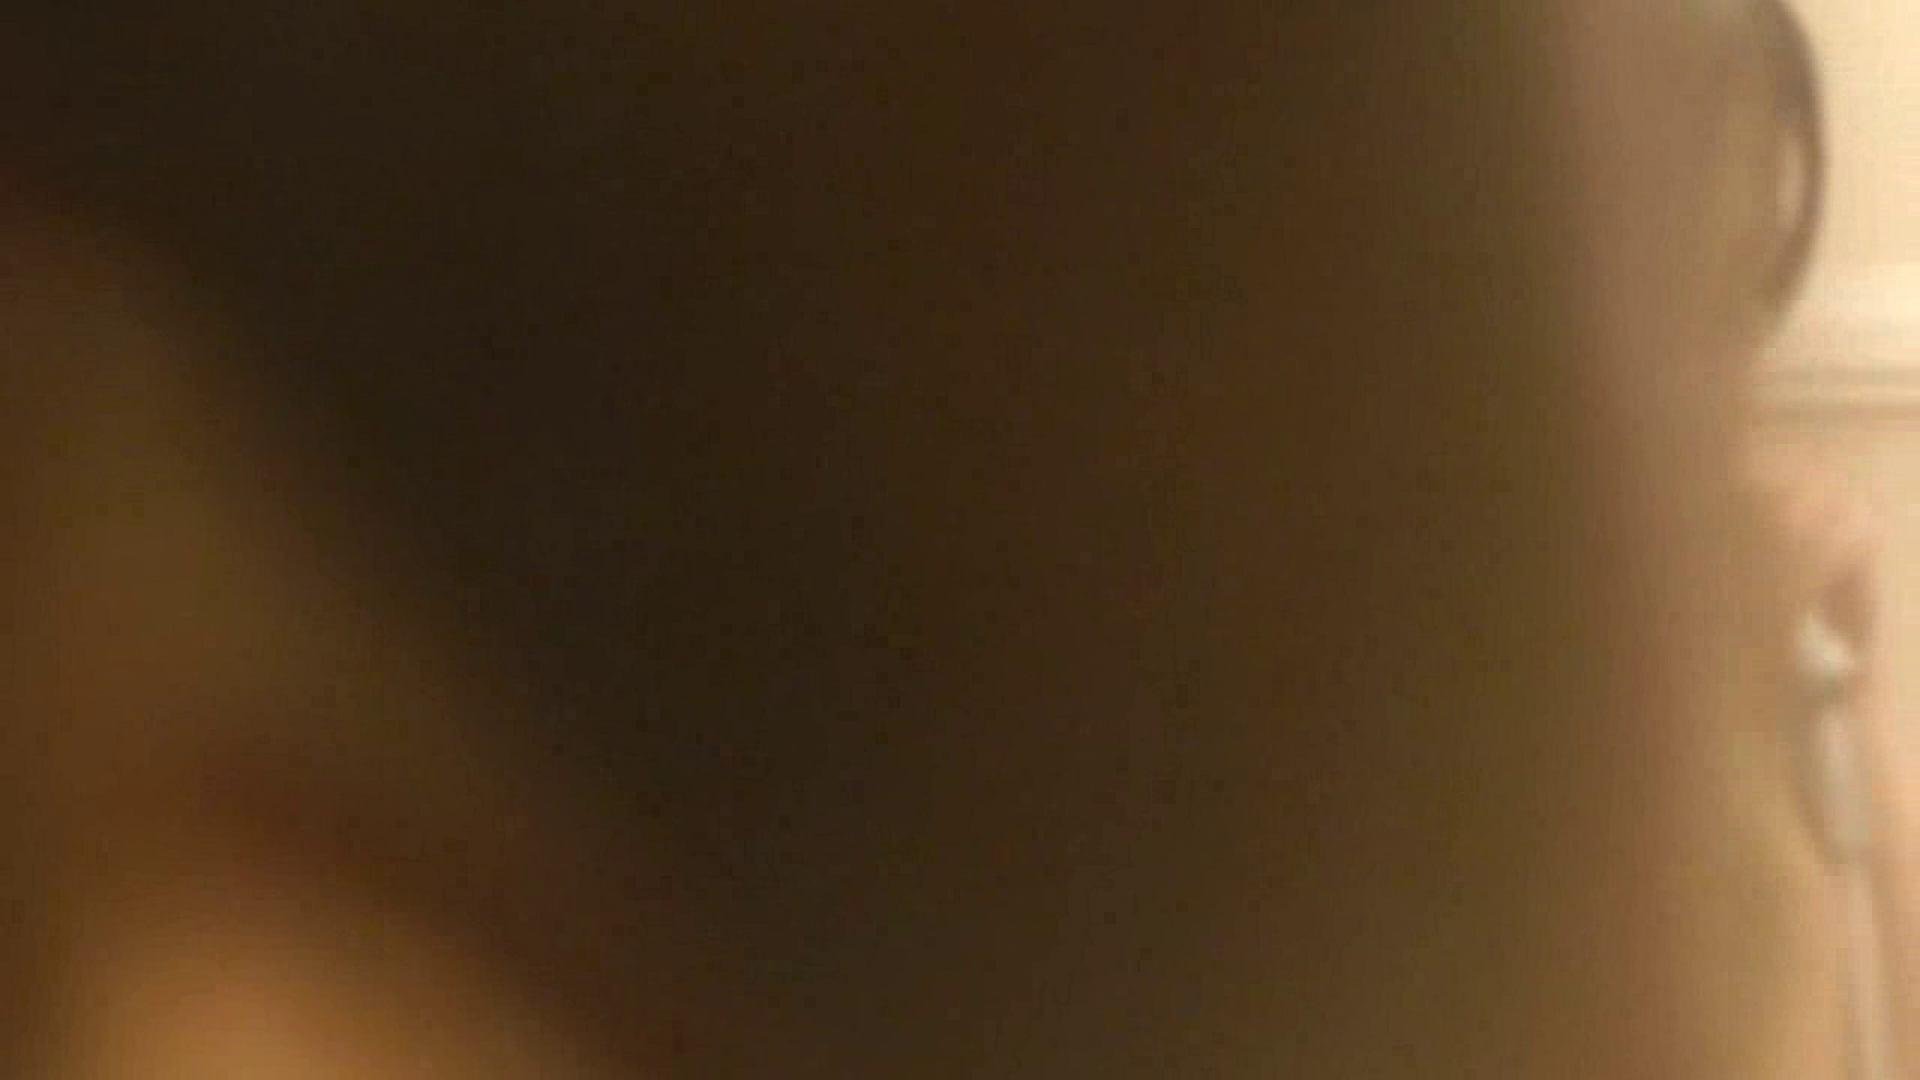 vol.1 Mayumi 窓越しに入浴シーン撮影に成功 入浴中の女性   OLのボディ  57PIX 21